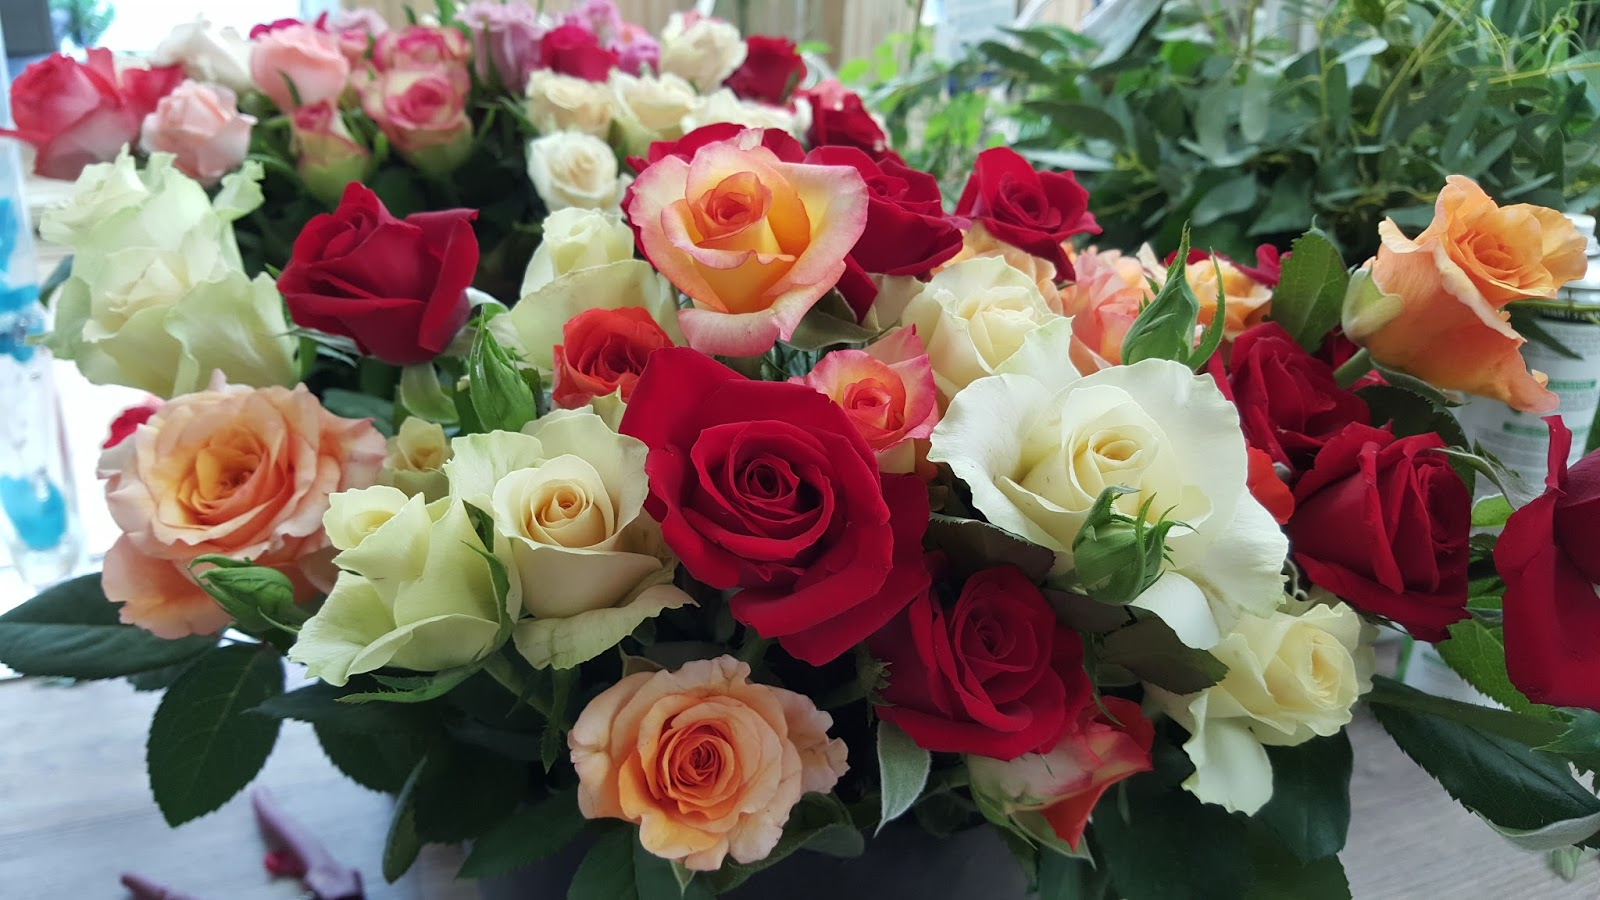 Les roses de la prade week end de p ques - Week end de paques 2015 ...